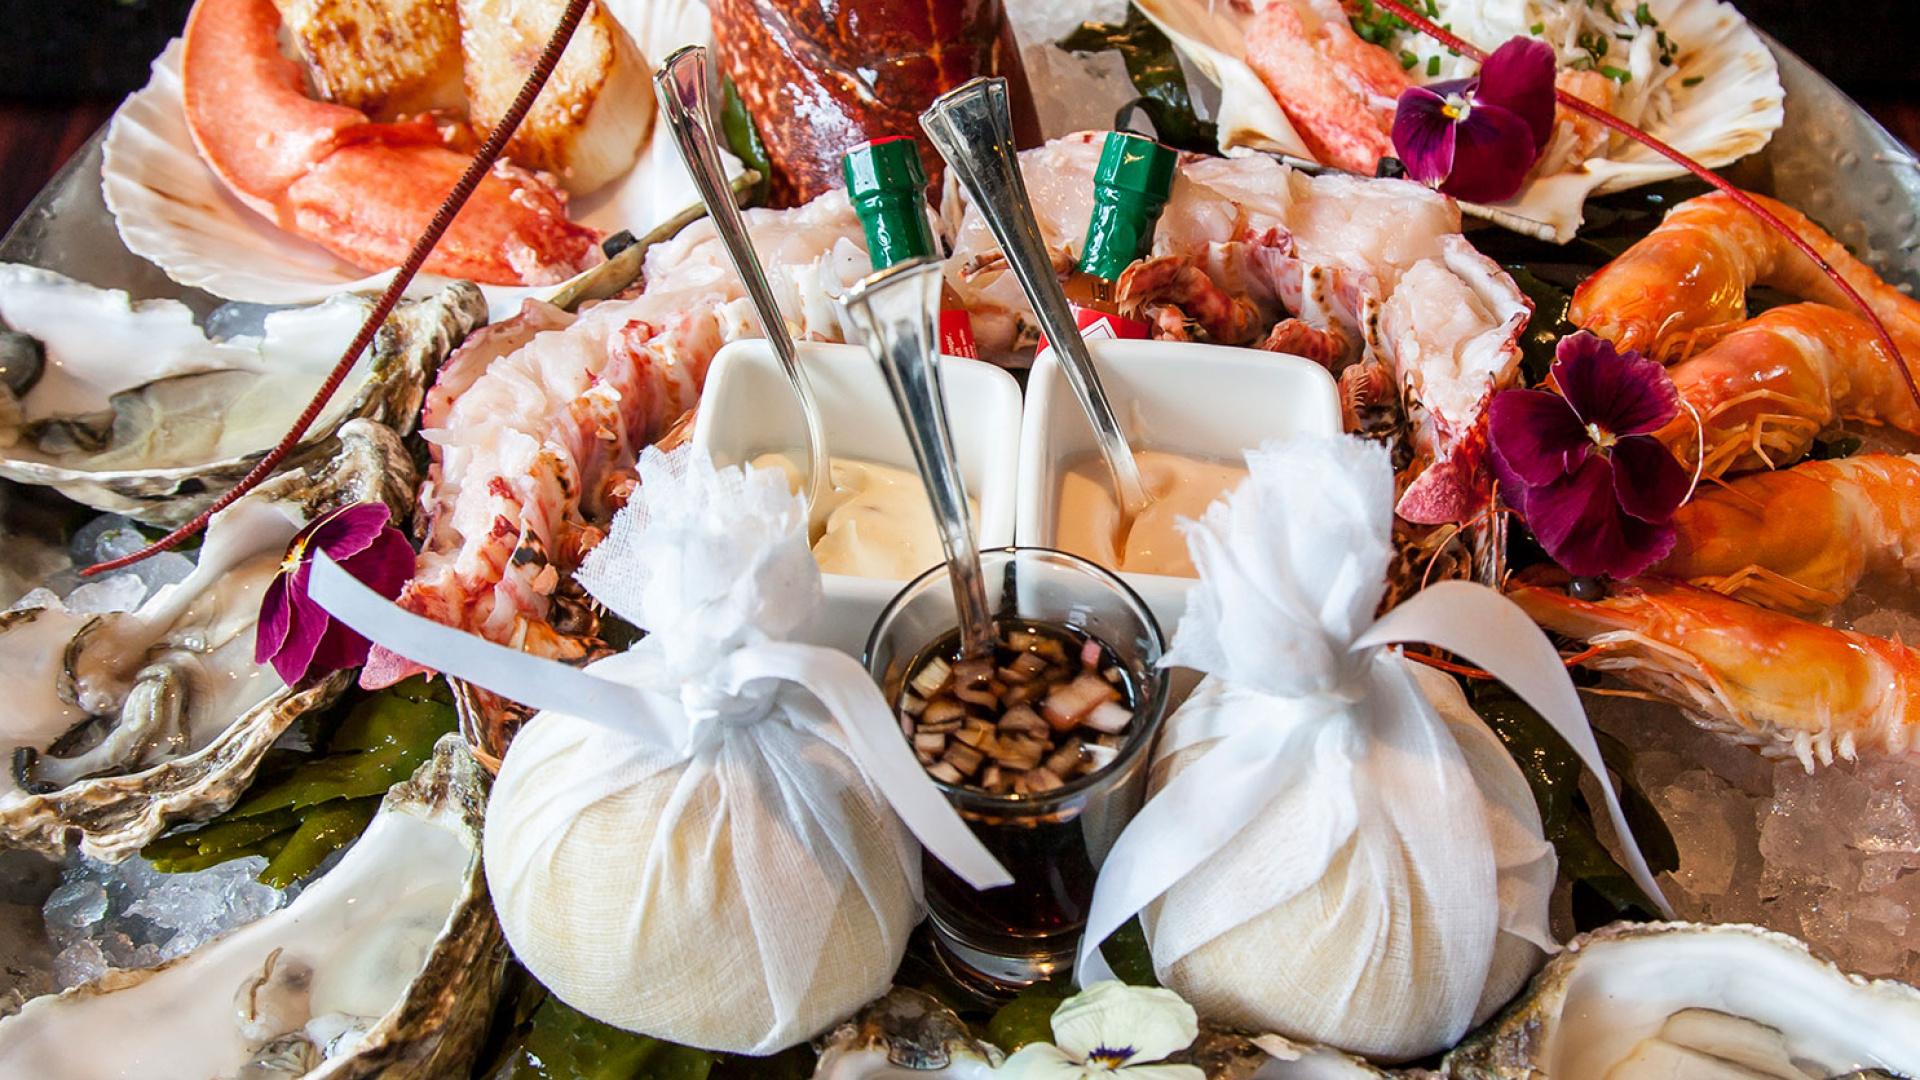 The seafood platter at Kaspar's